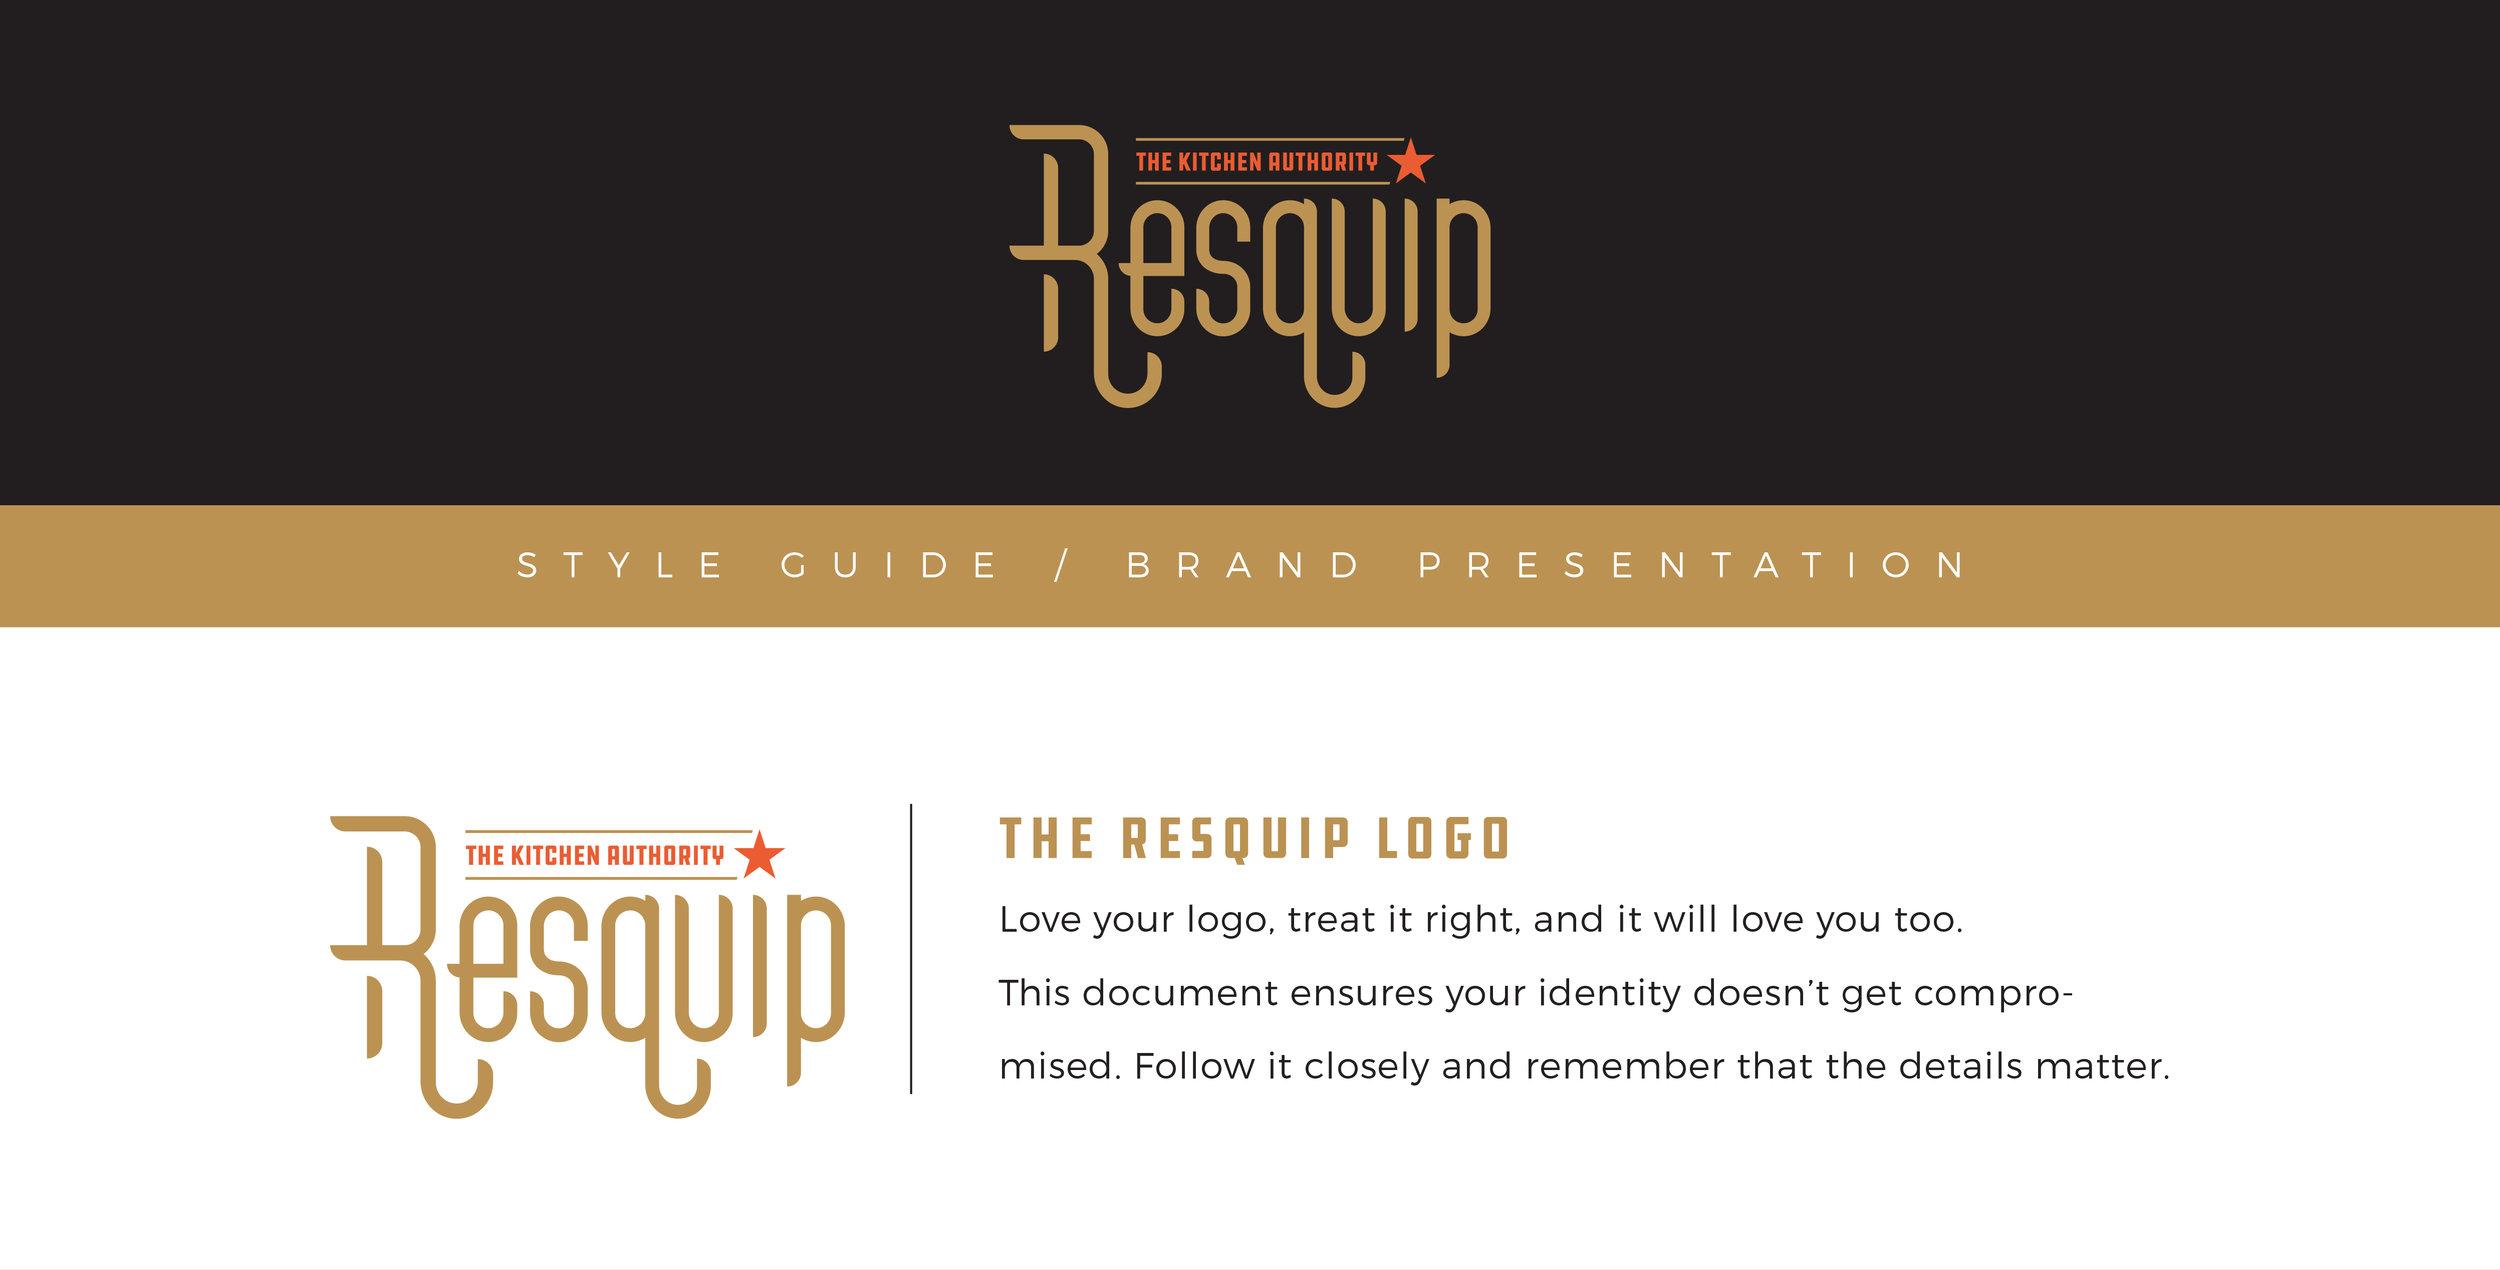 Resquip_Style_Guide_4_12_18v1-1_01.jpg